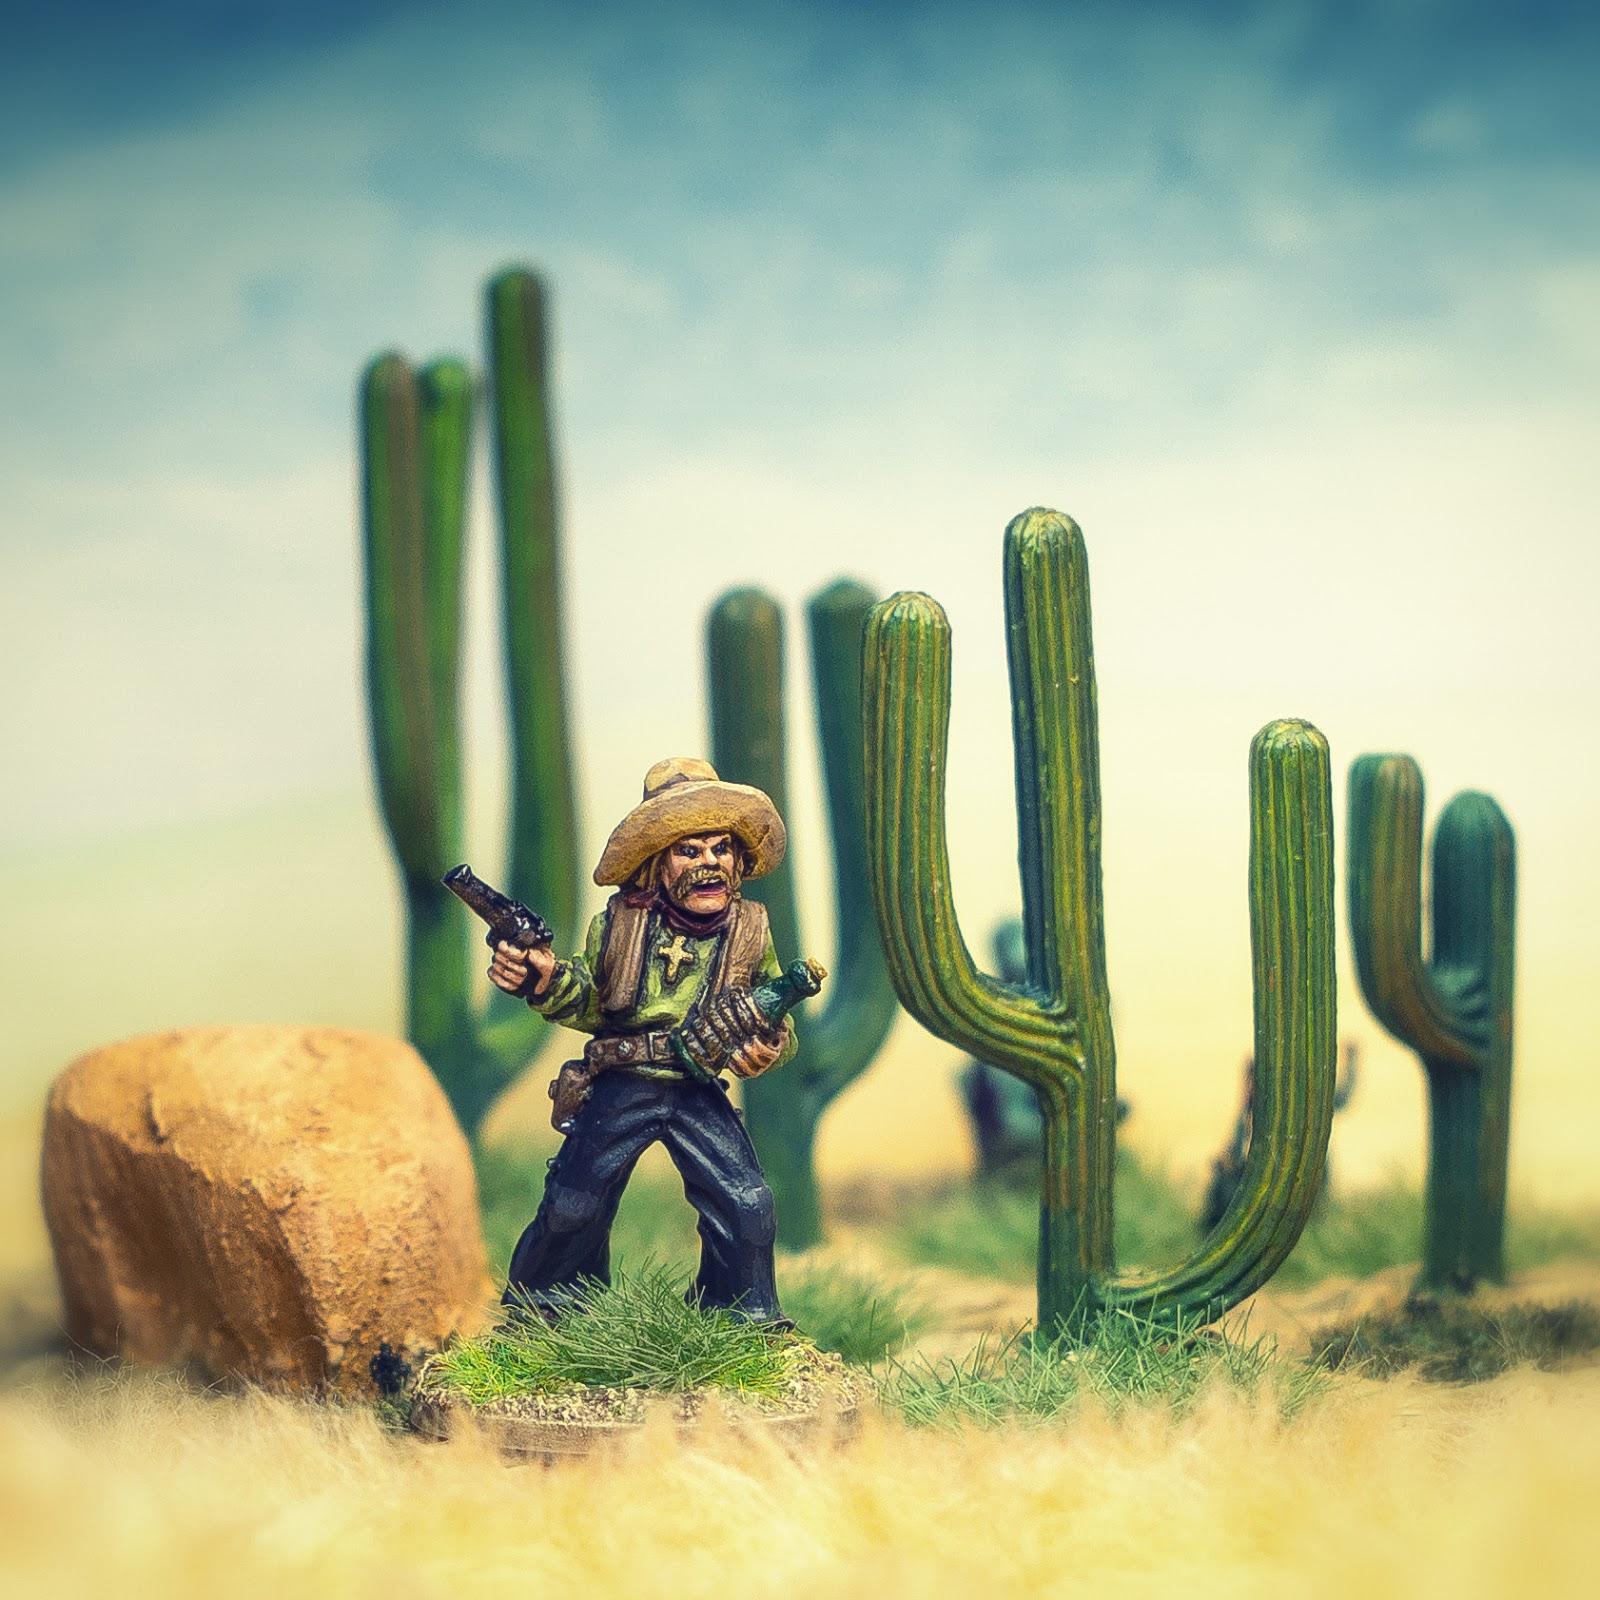 [Modélisme] Comment réaliser des cactus ... et DSC01424-Bearbeitet